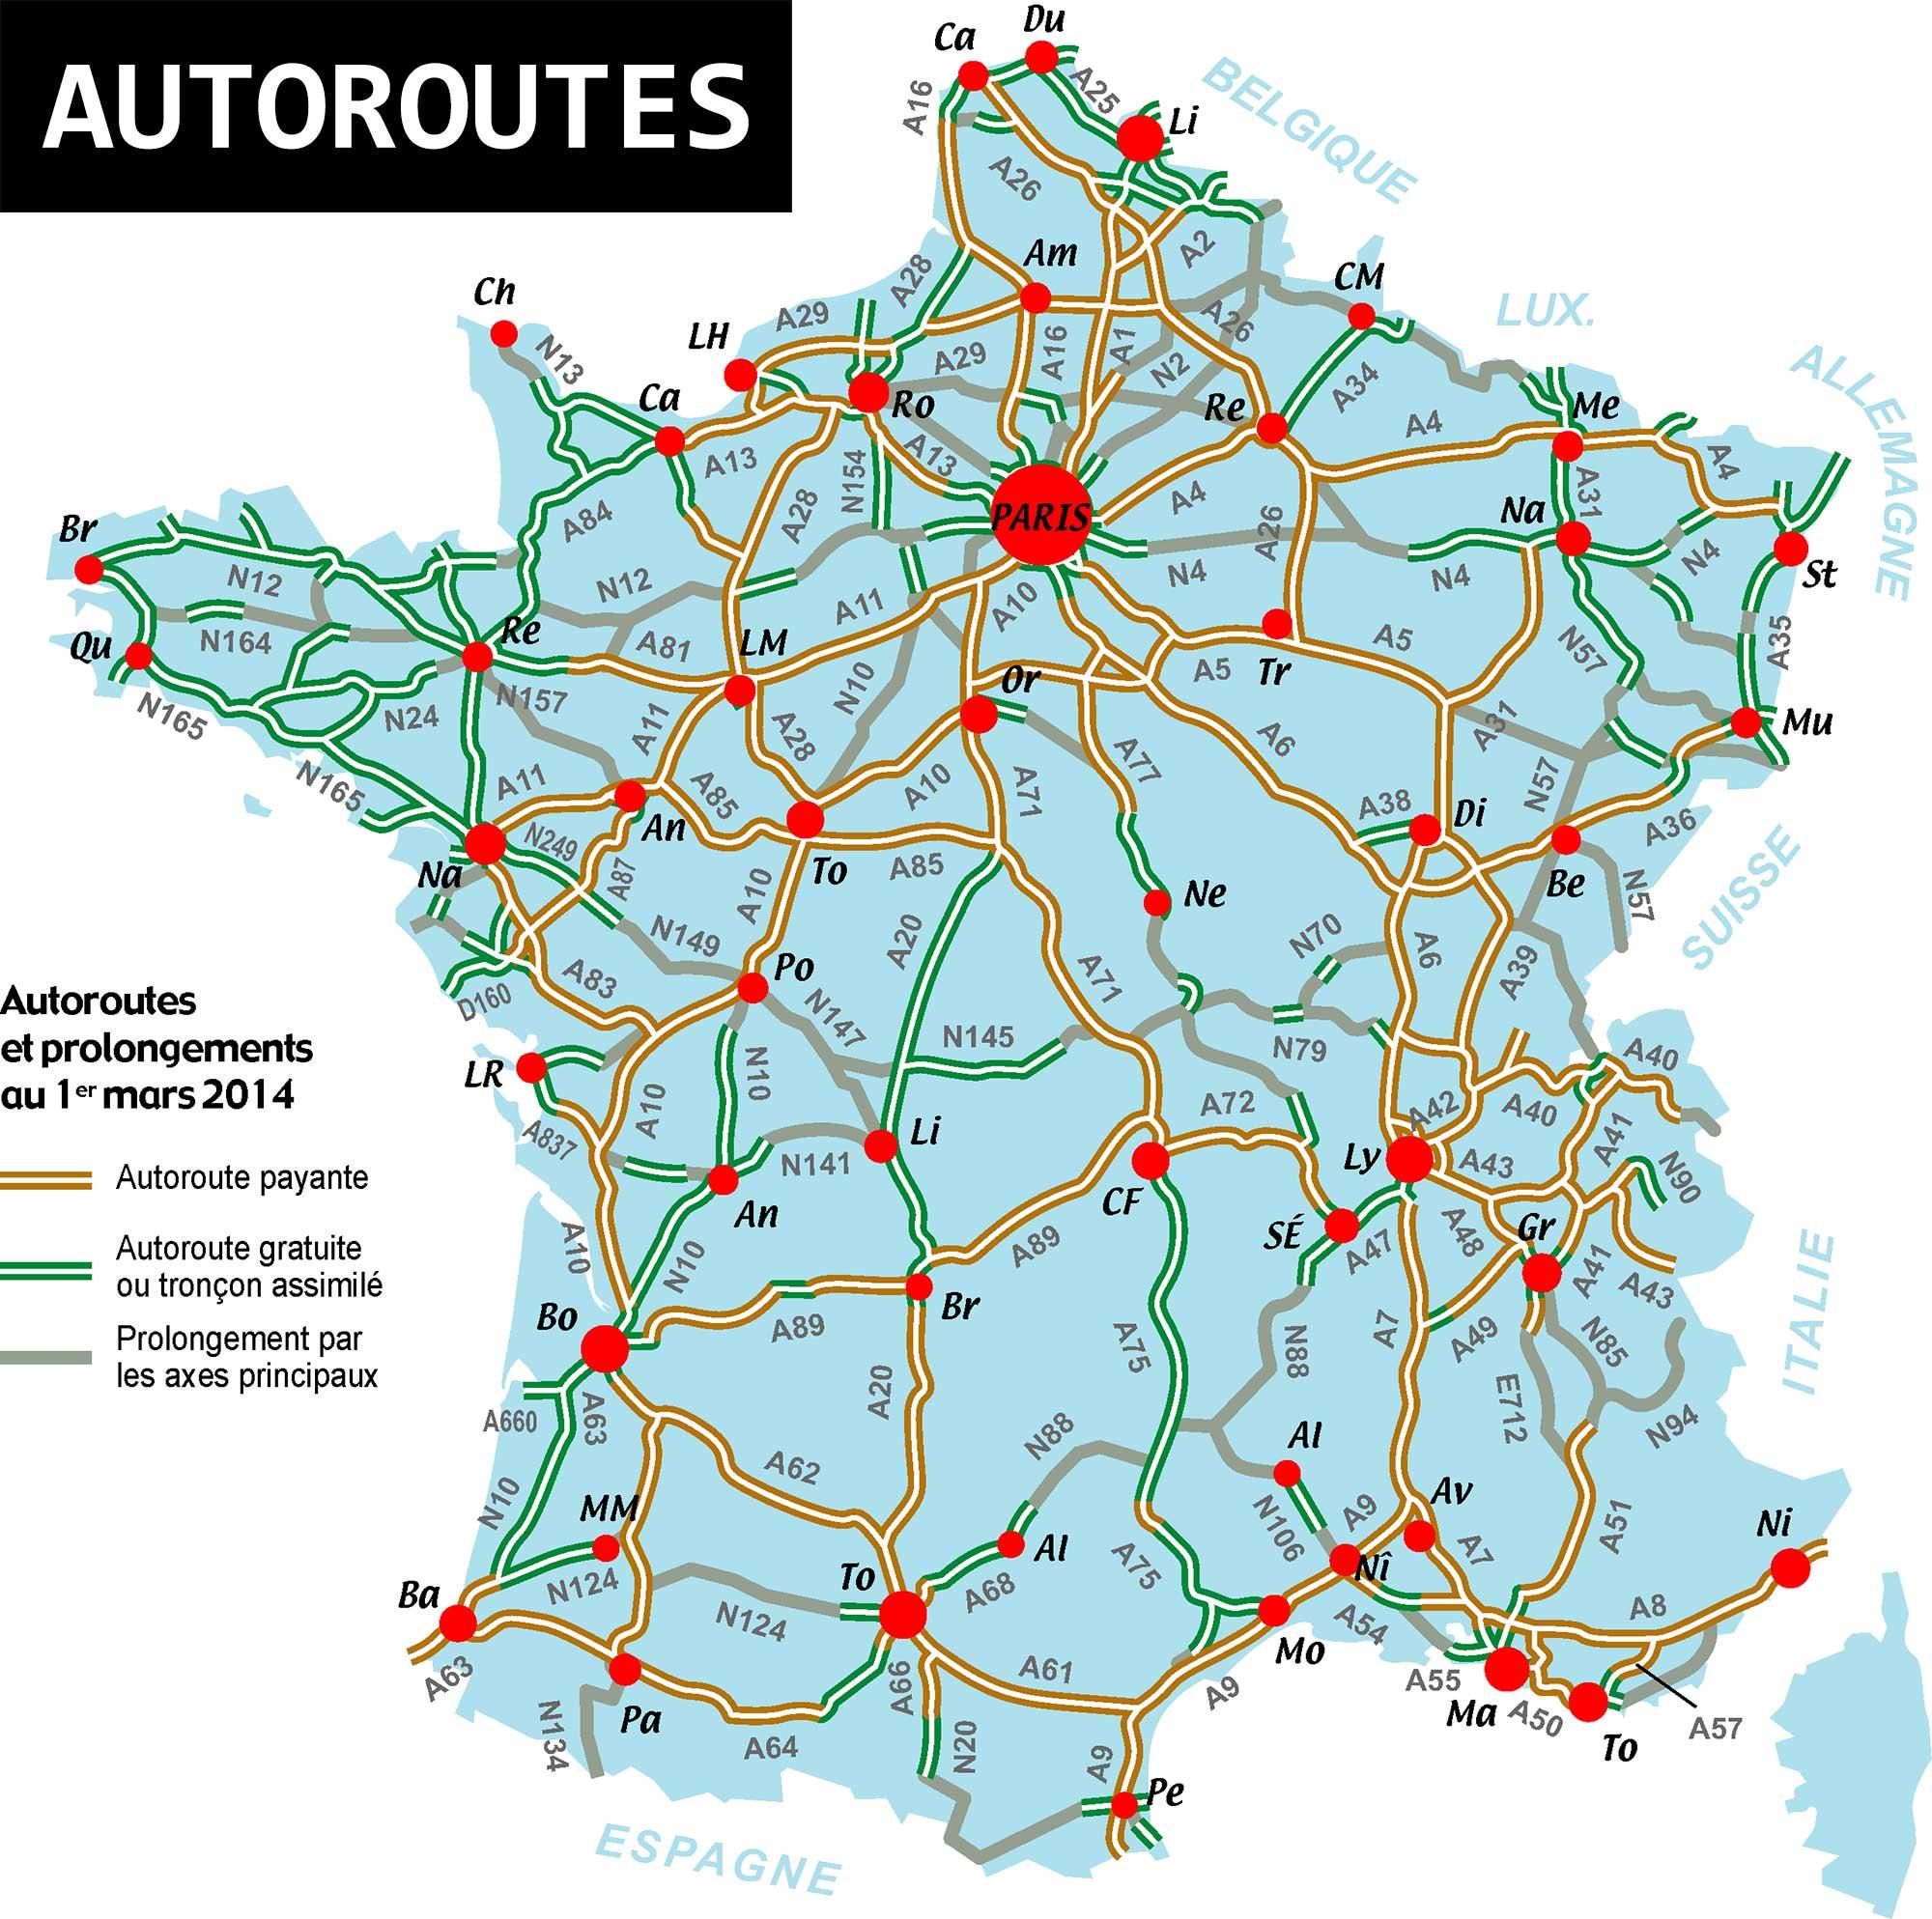 carte de france des autoroutes Carte de France des autoroutes » Vacances   Arts  Guides Voyages